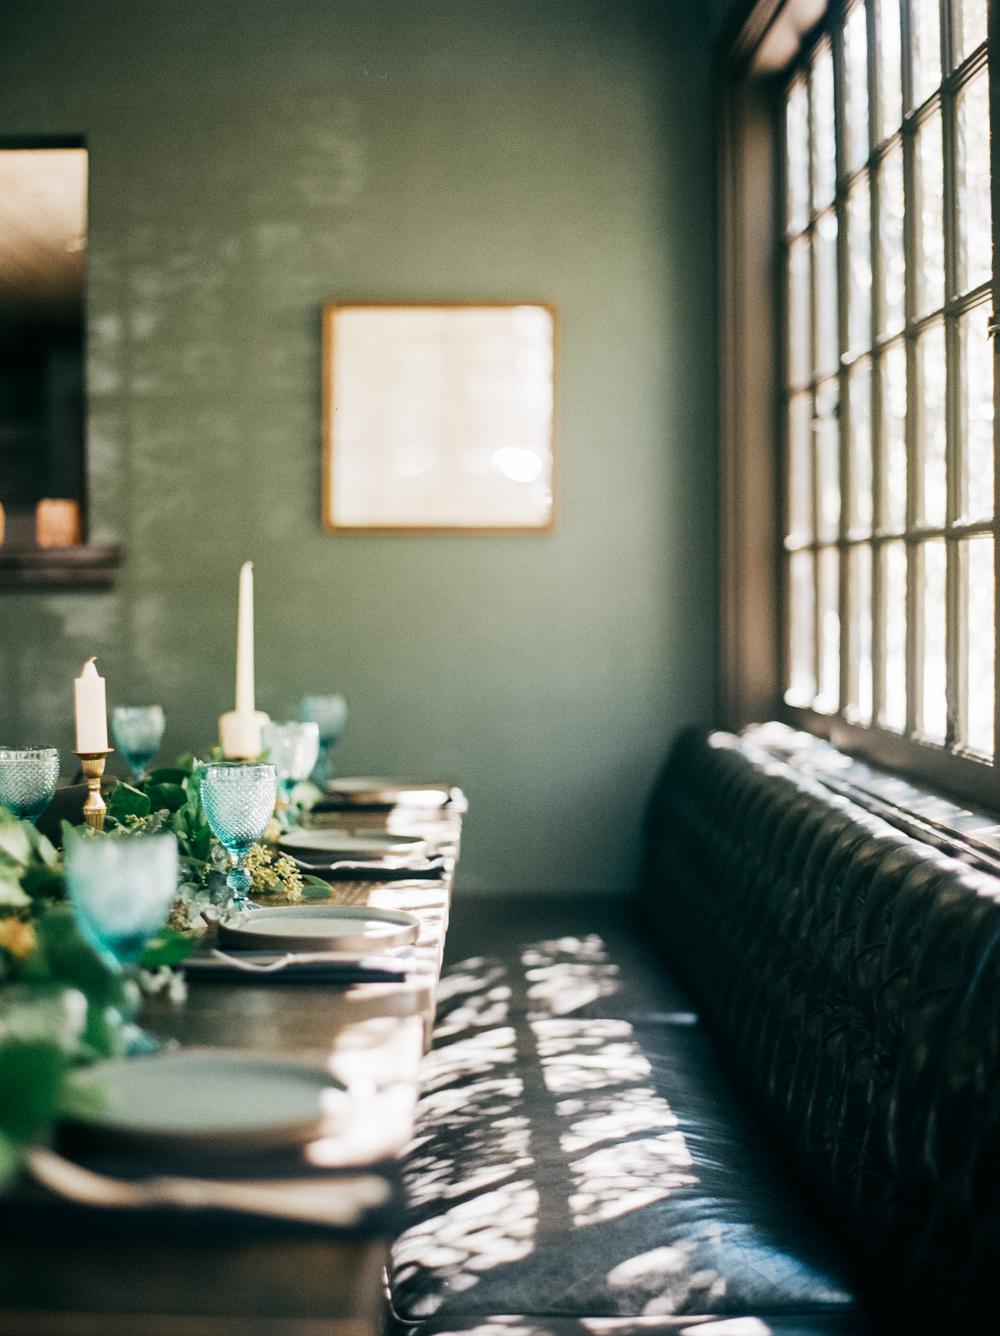 carmel by the sea wedding venues-6.jpg